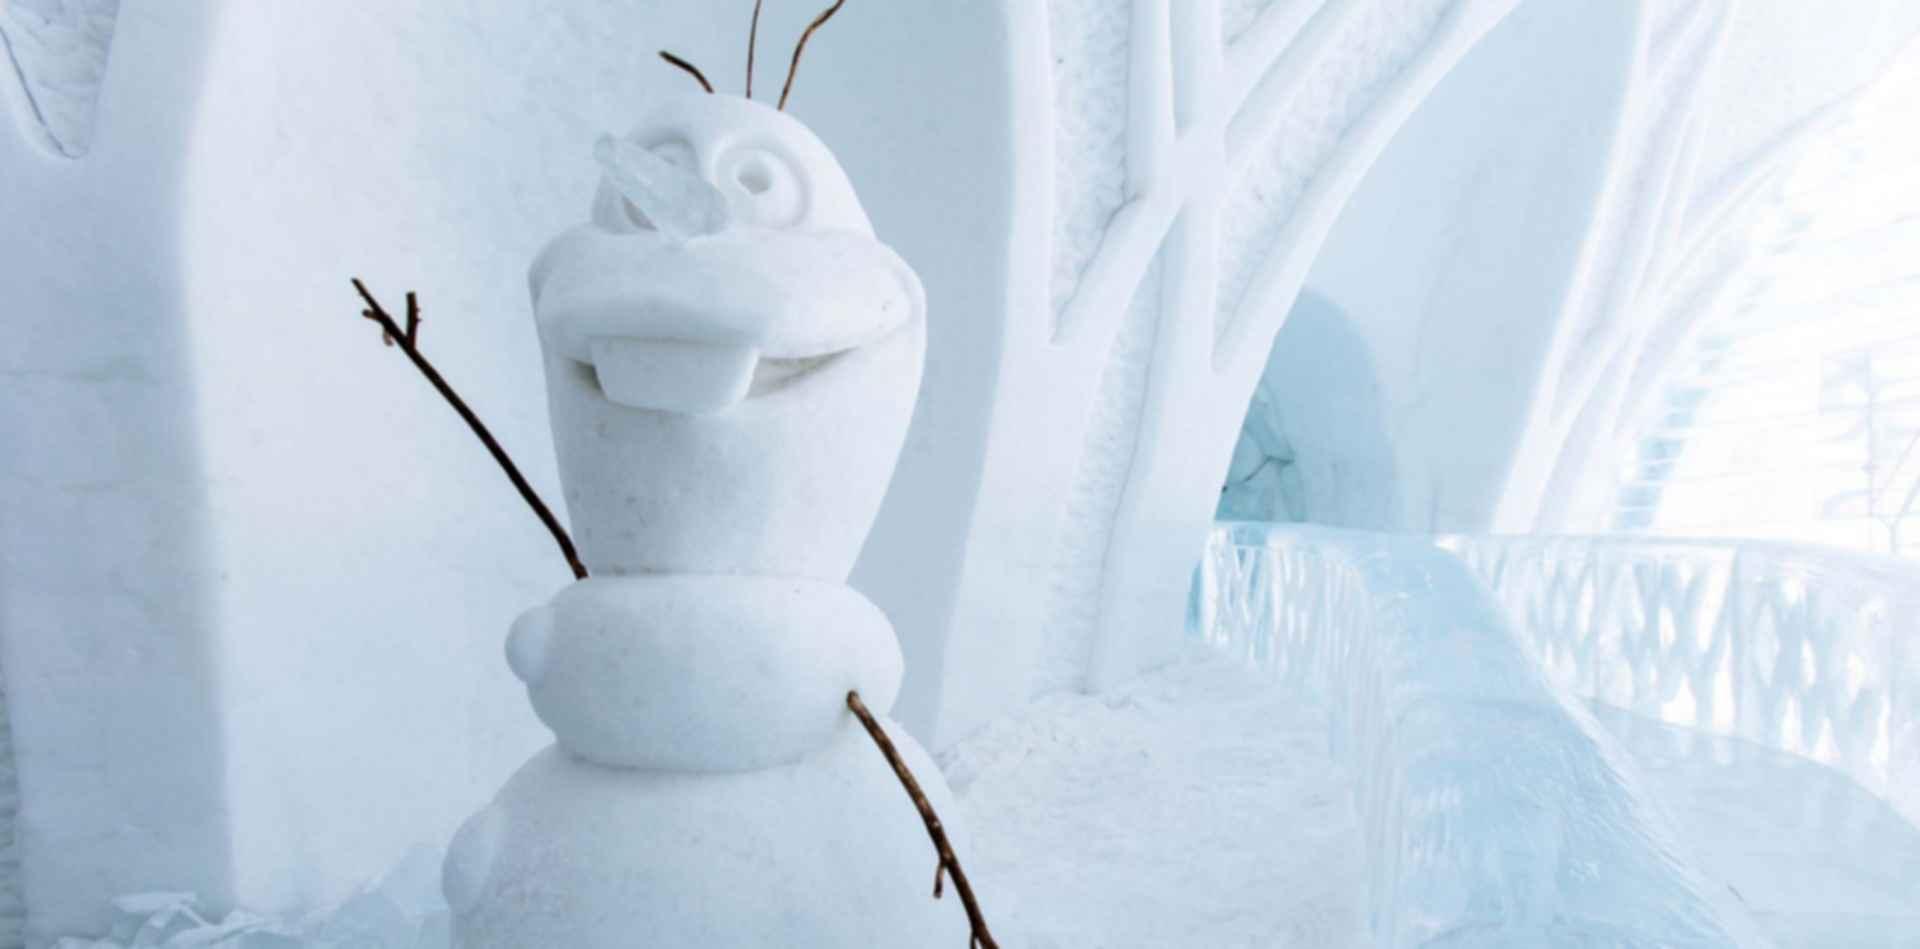 Hotel De Glace - Snow Detail